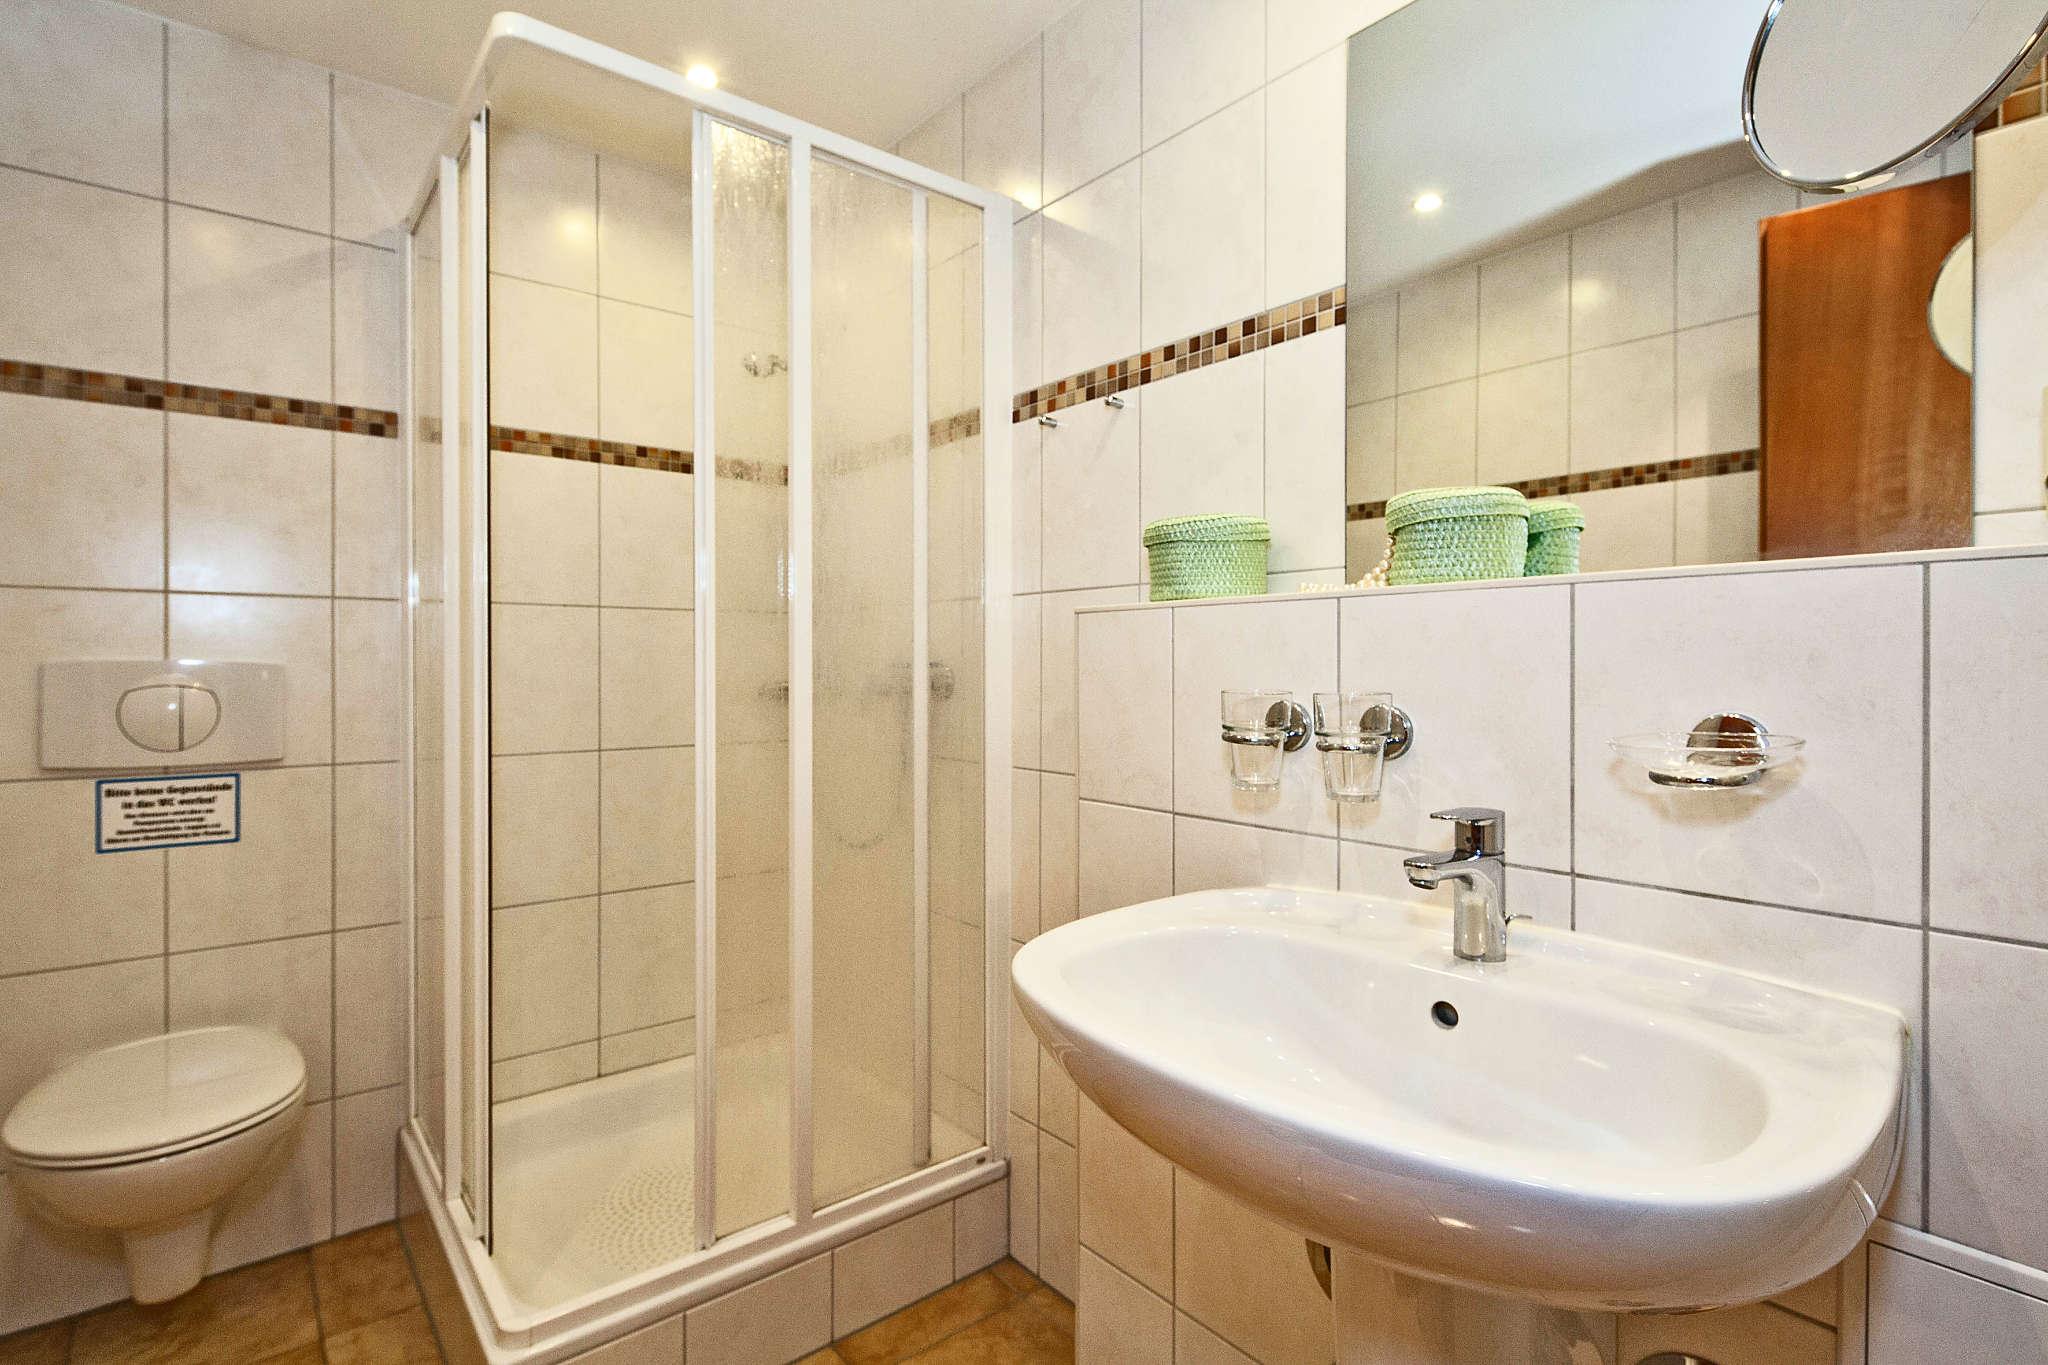 zweite Bad mit Dusche